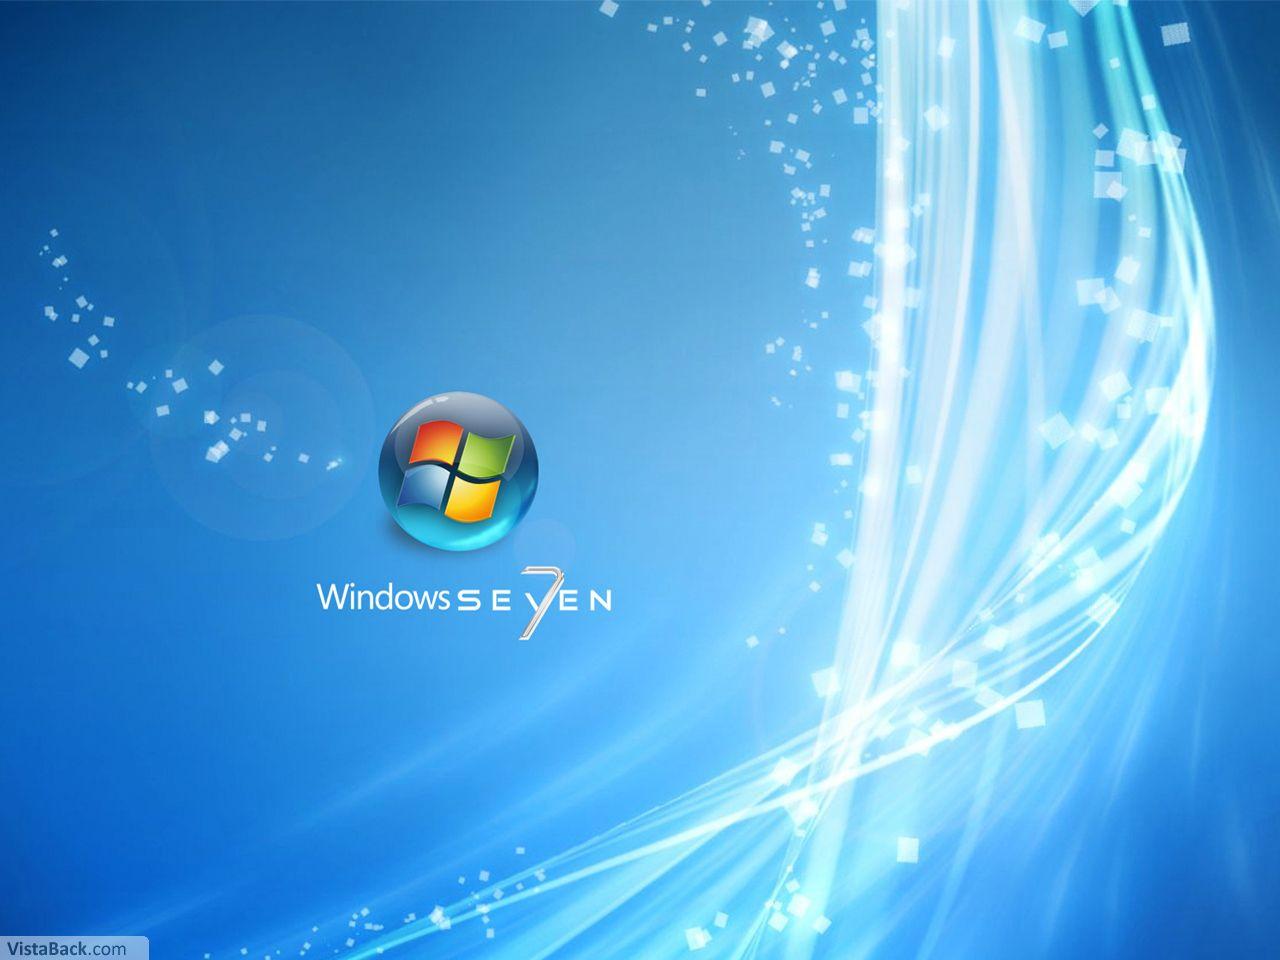 windows 7 bta 1280x960